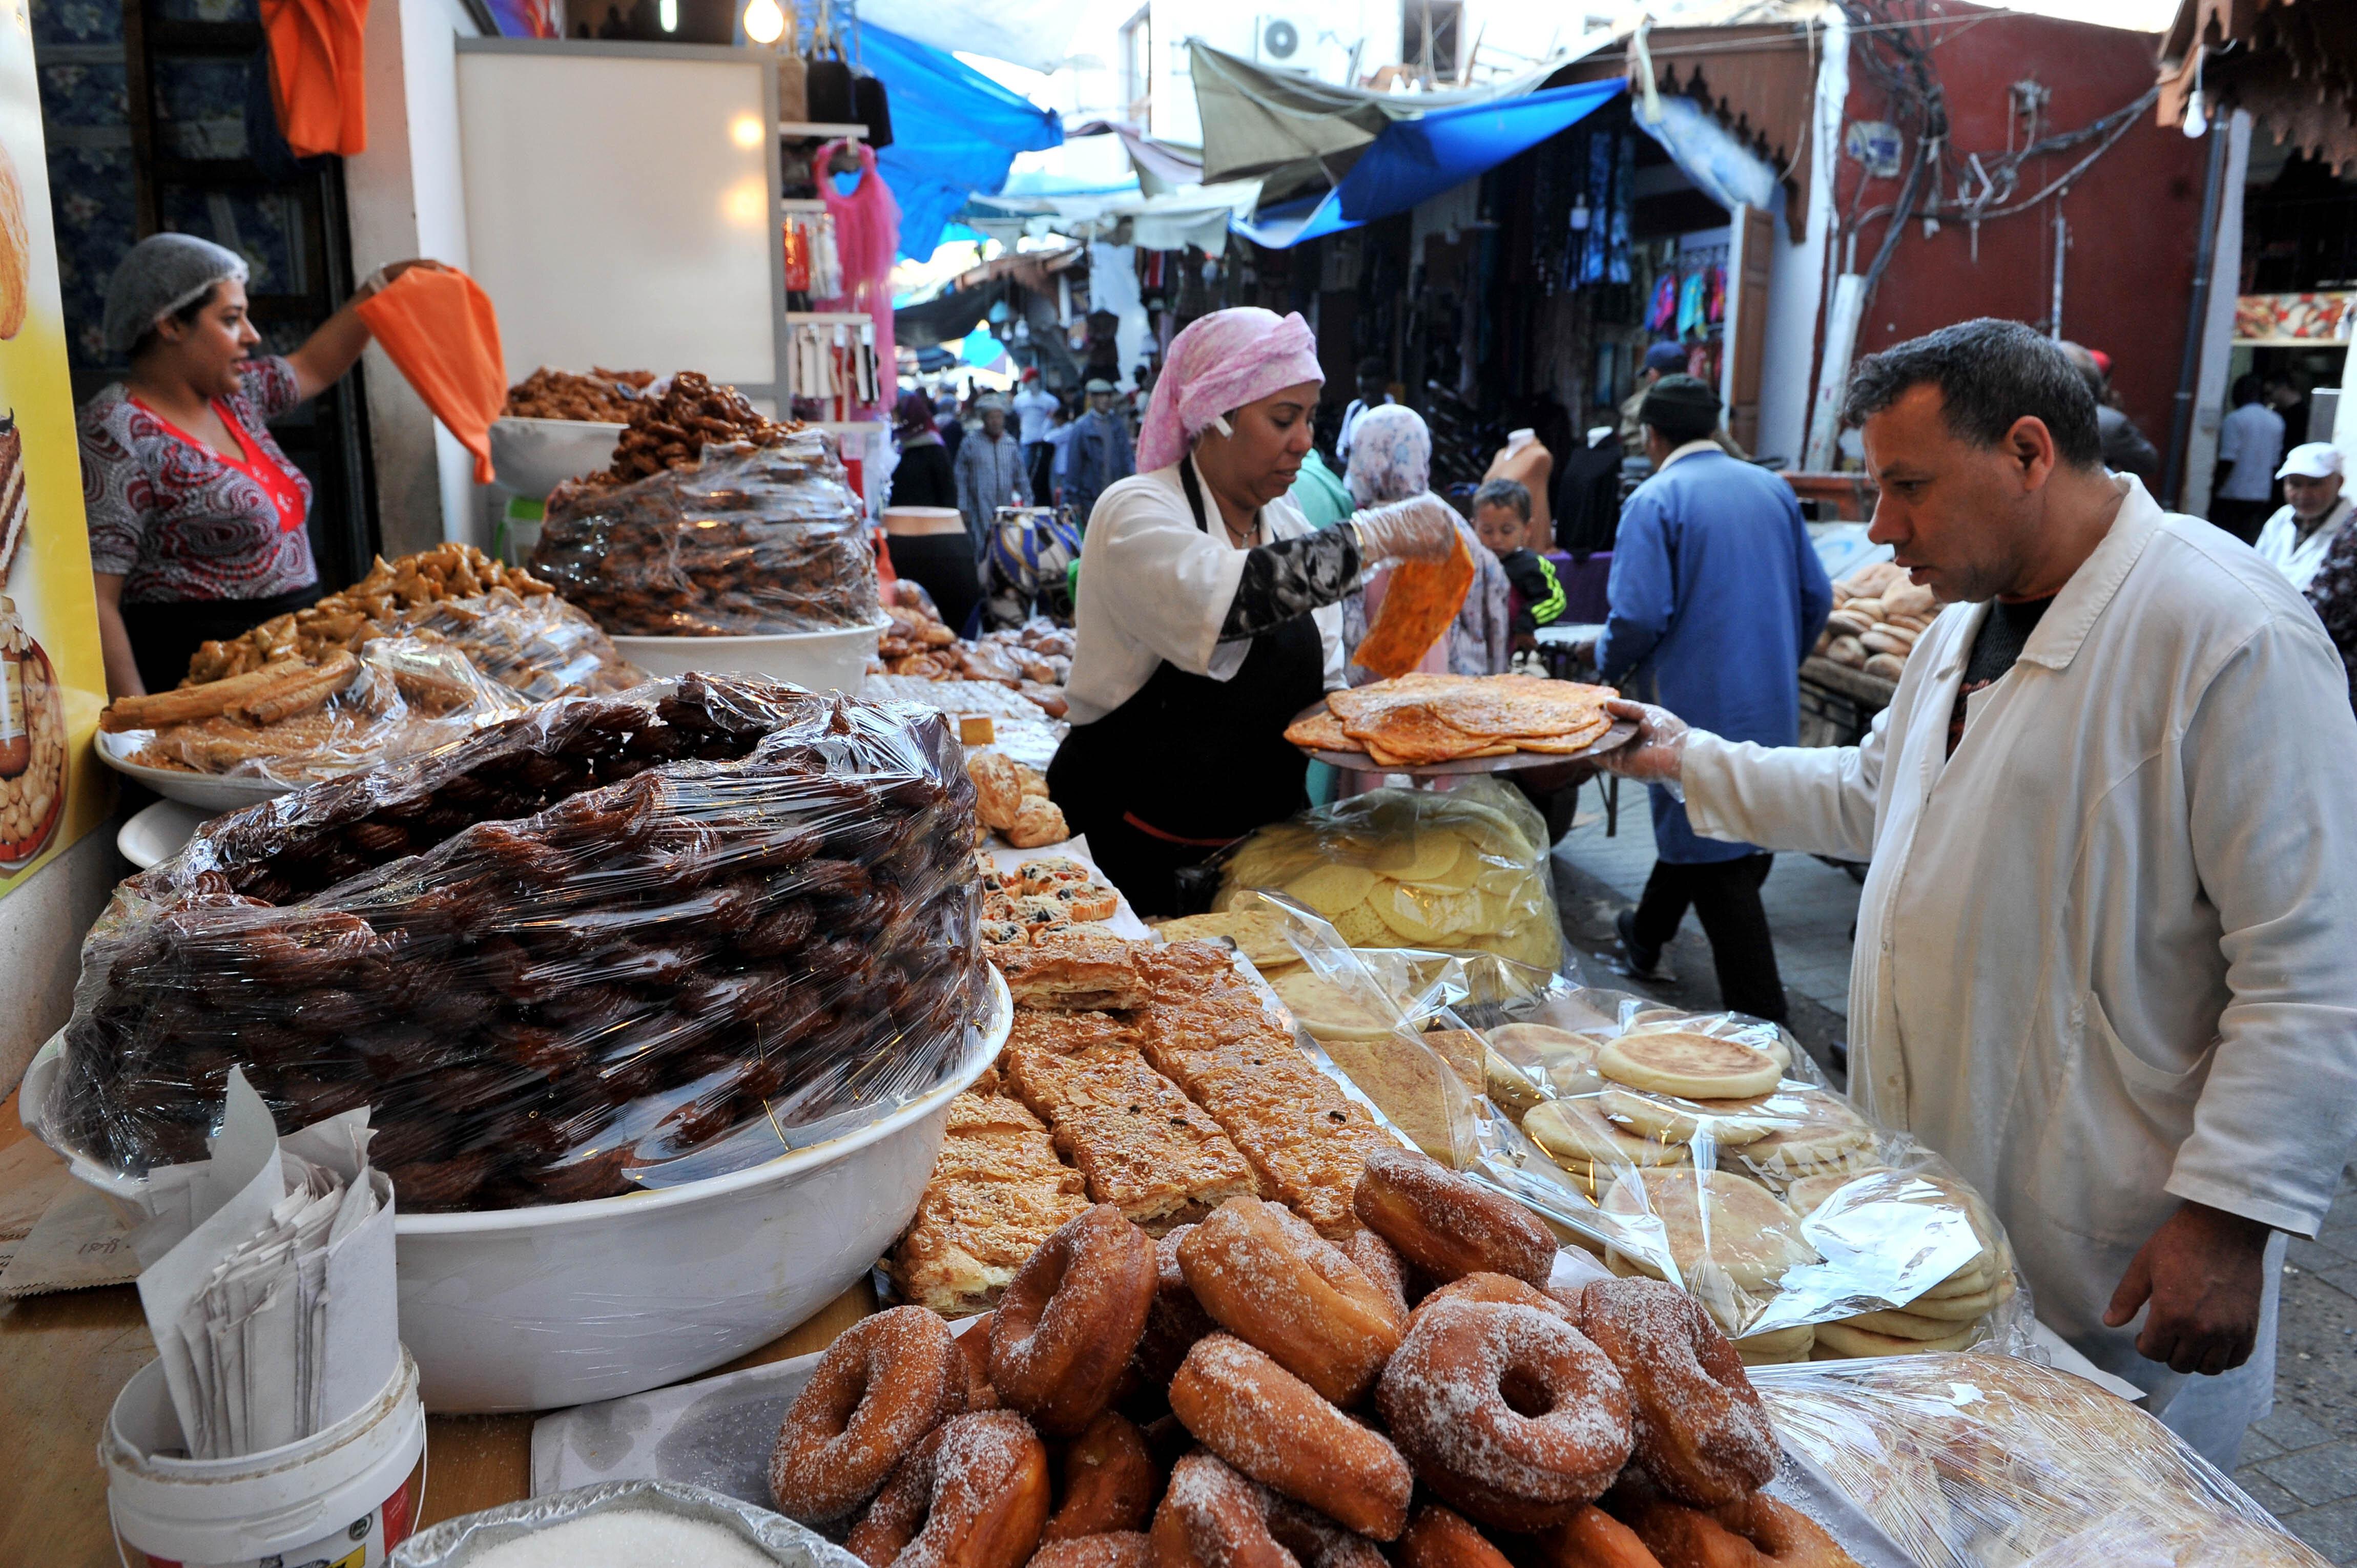 Des tonnes d'aliments impropres à la consommation retirés des commerces à Rabat et